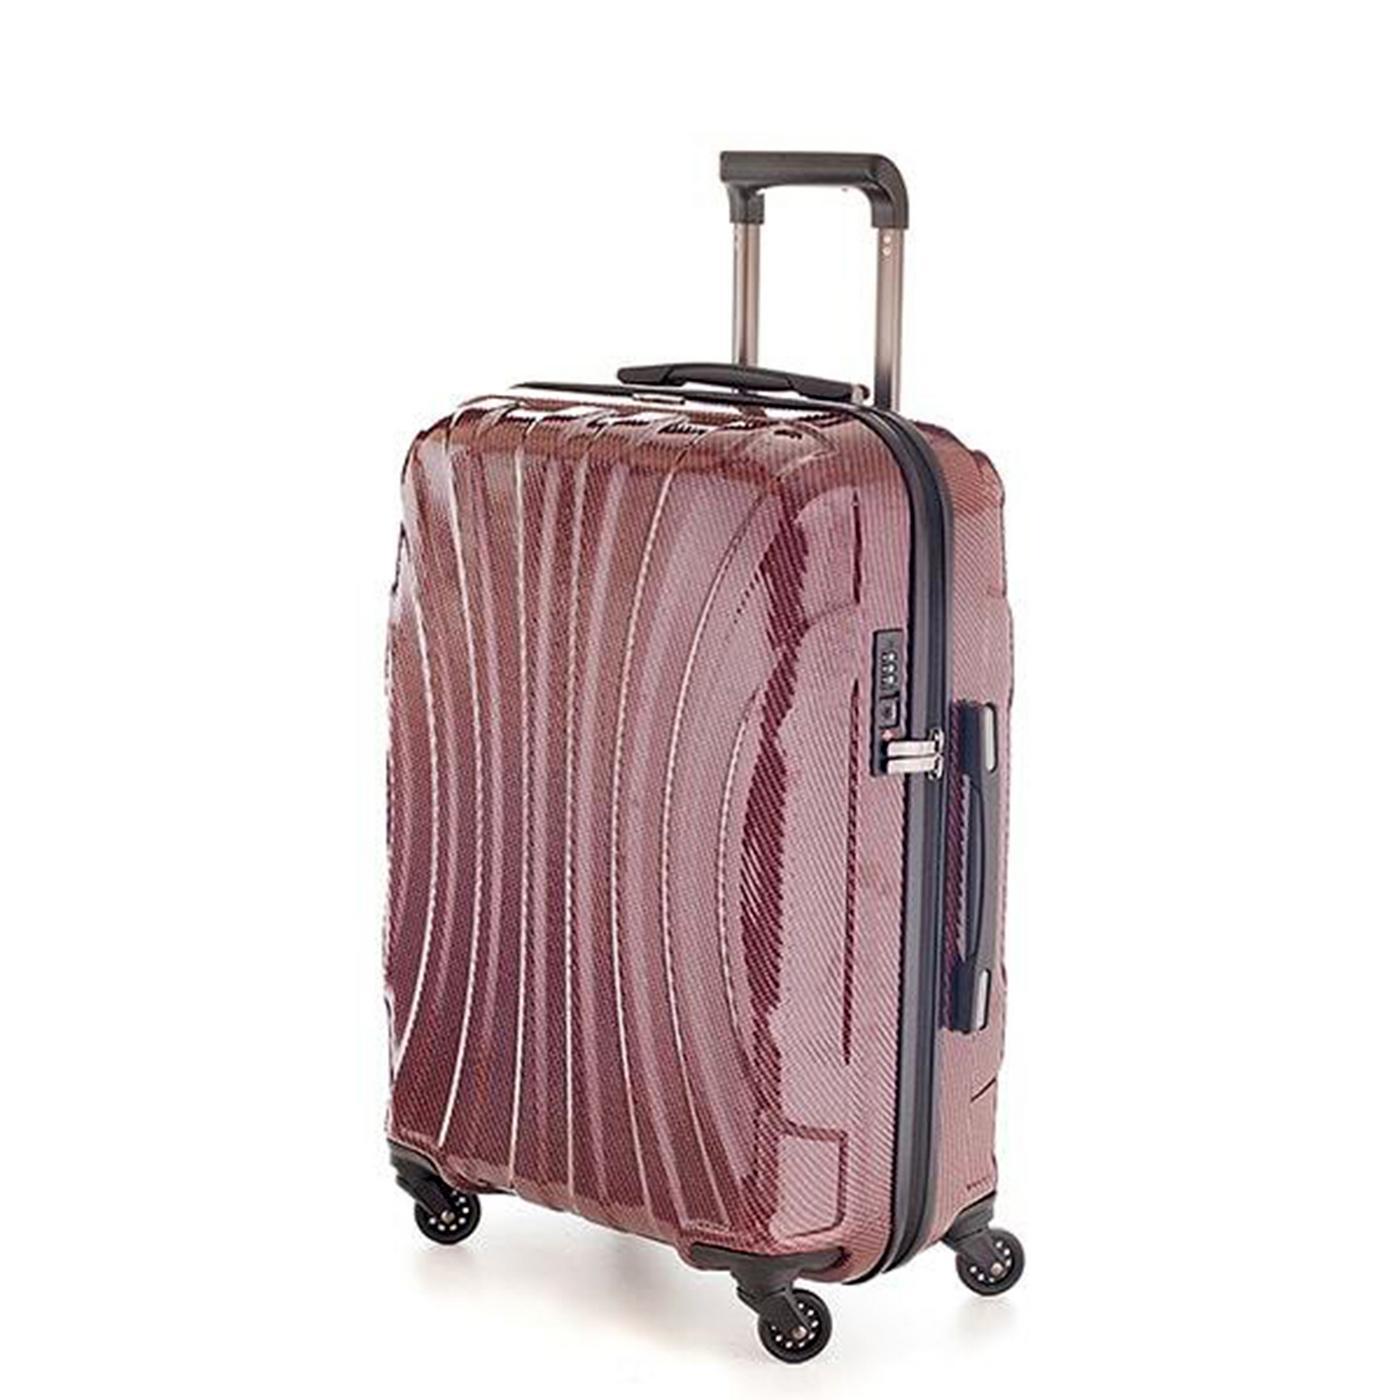 Фурнитура для чемоданов на колесиках купить в ижевске рюкзак green 50-65 лет